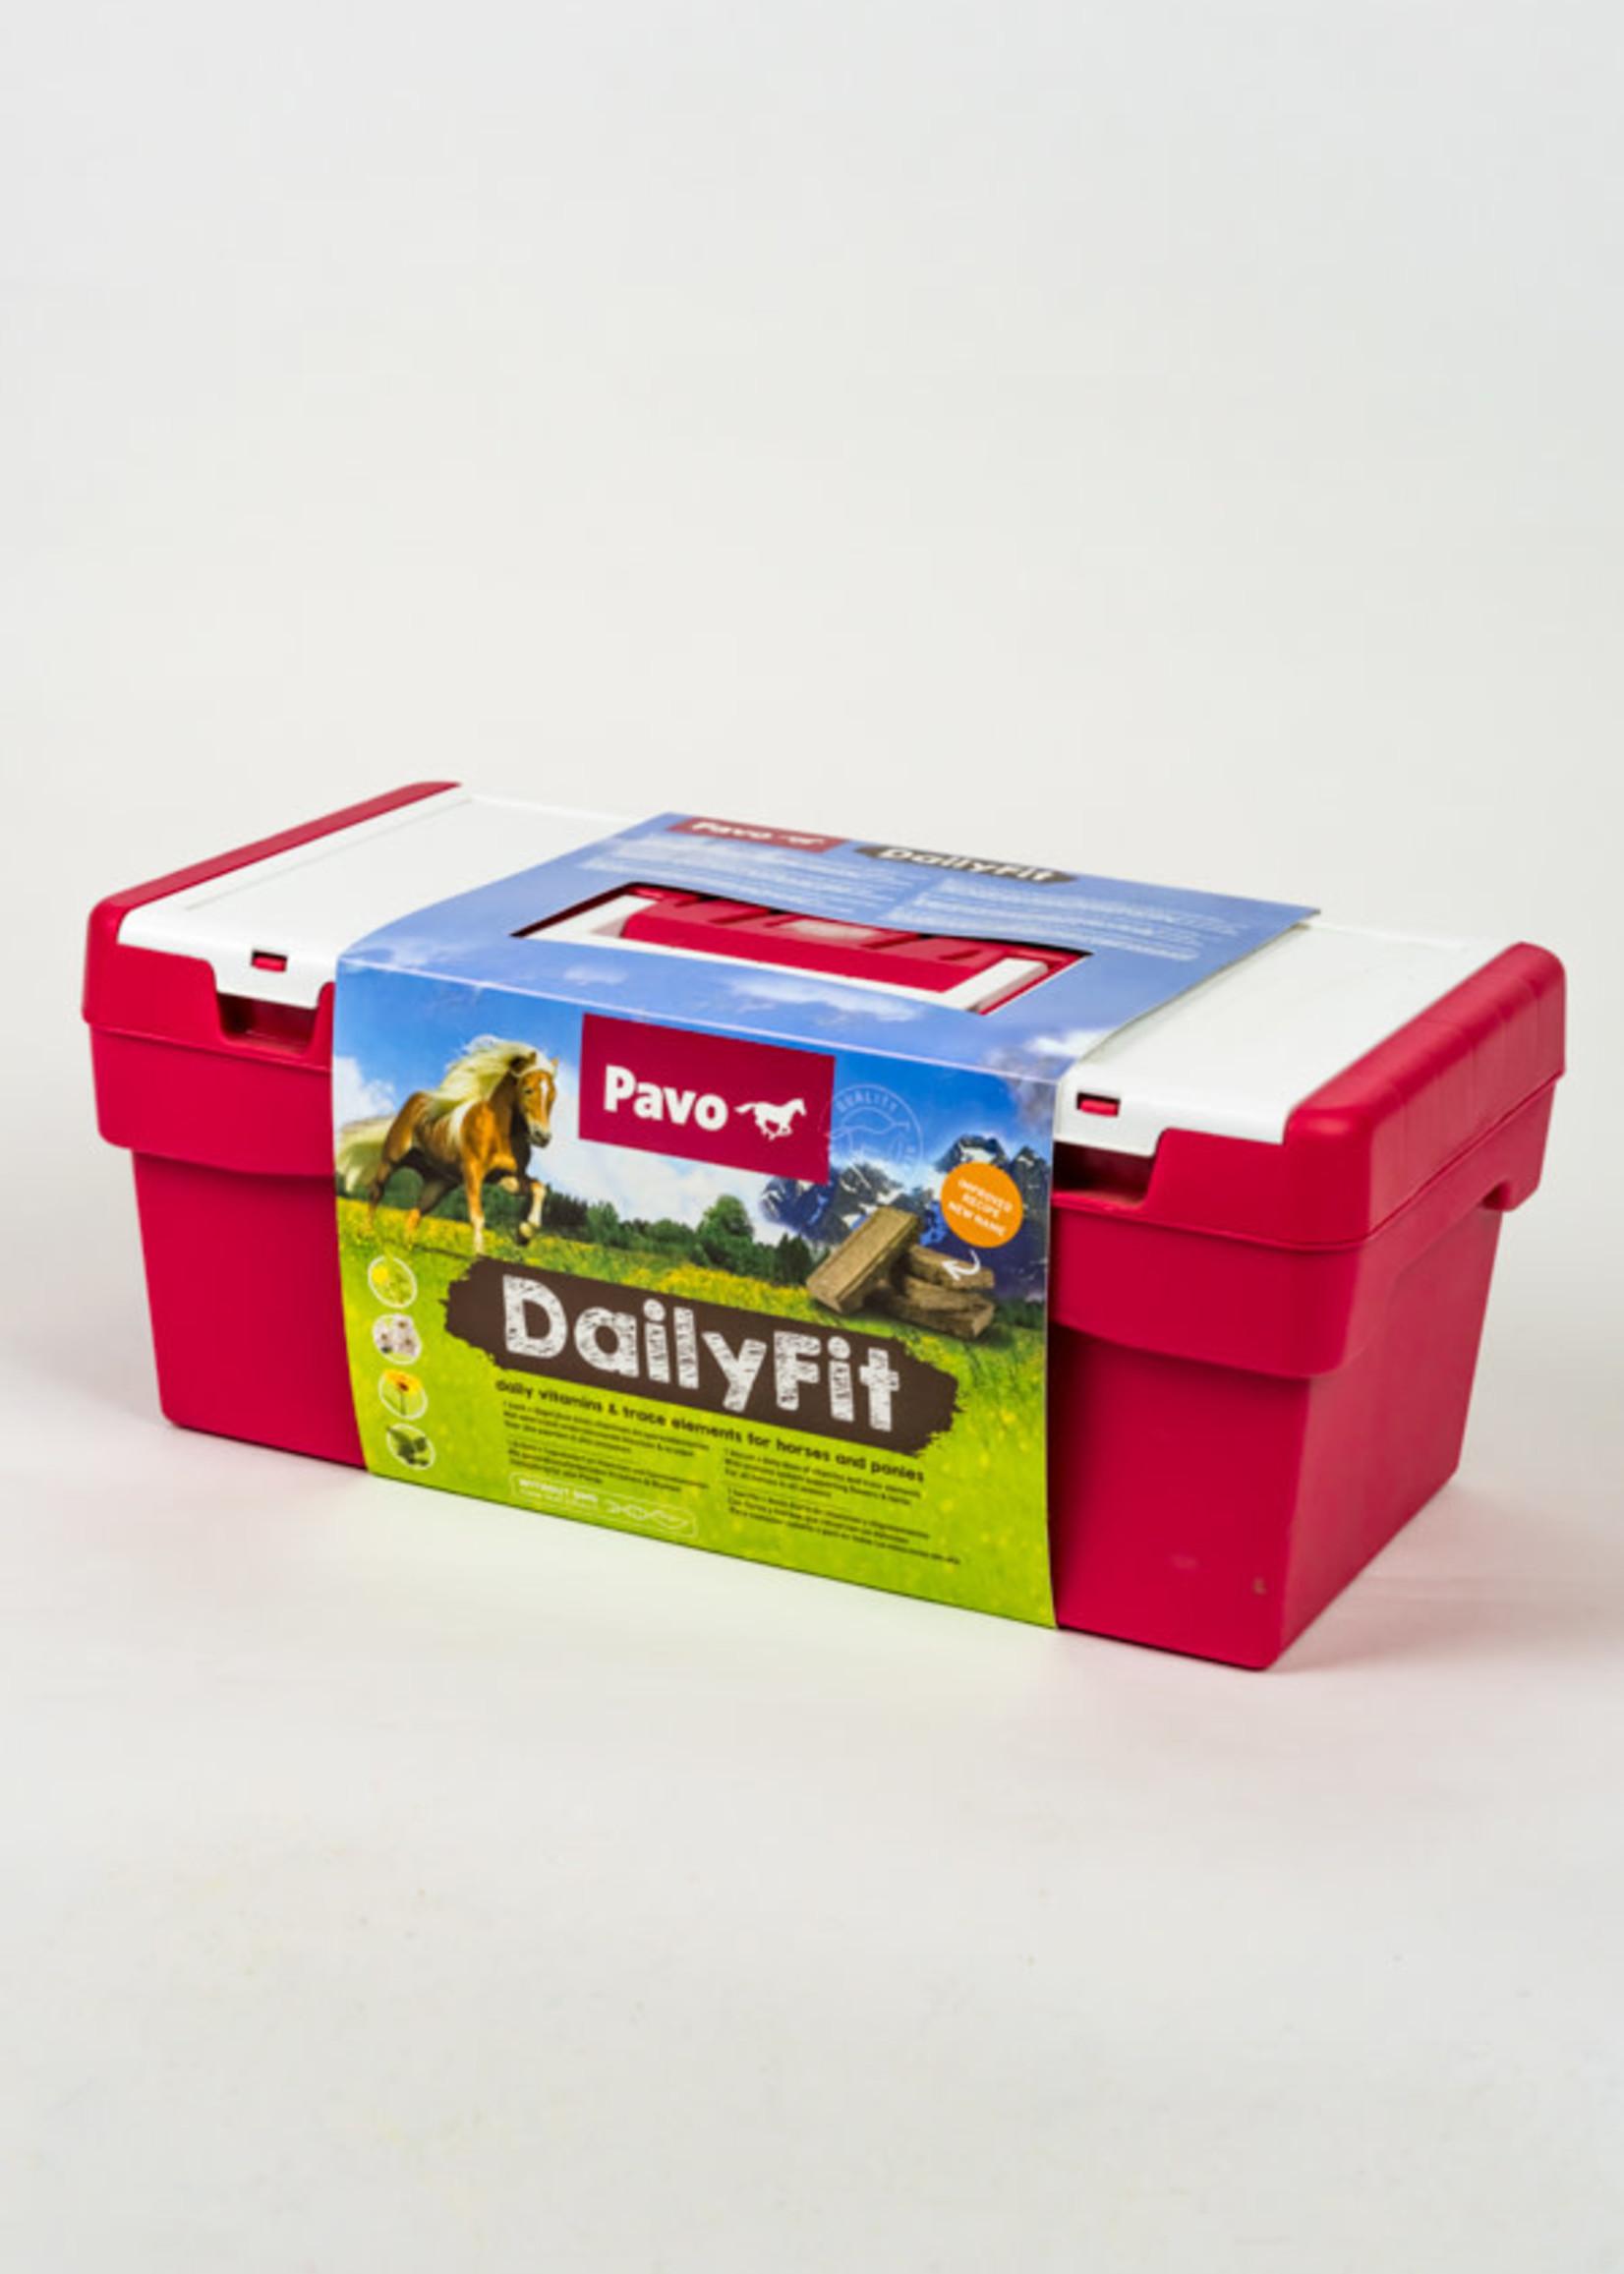 Pavo Pavo DailyFit 4,2kg + poetskist